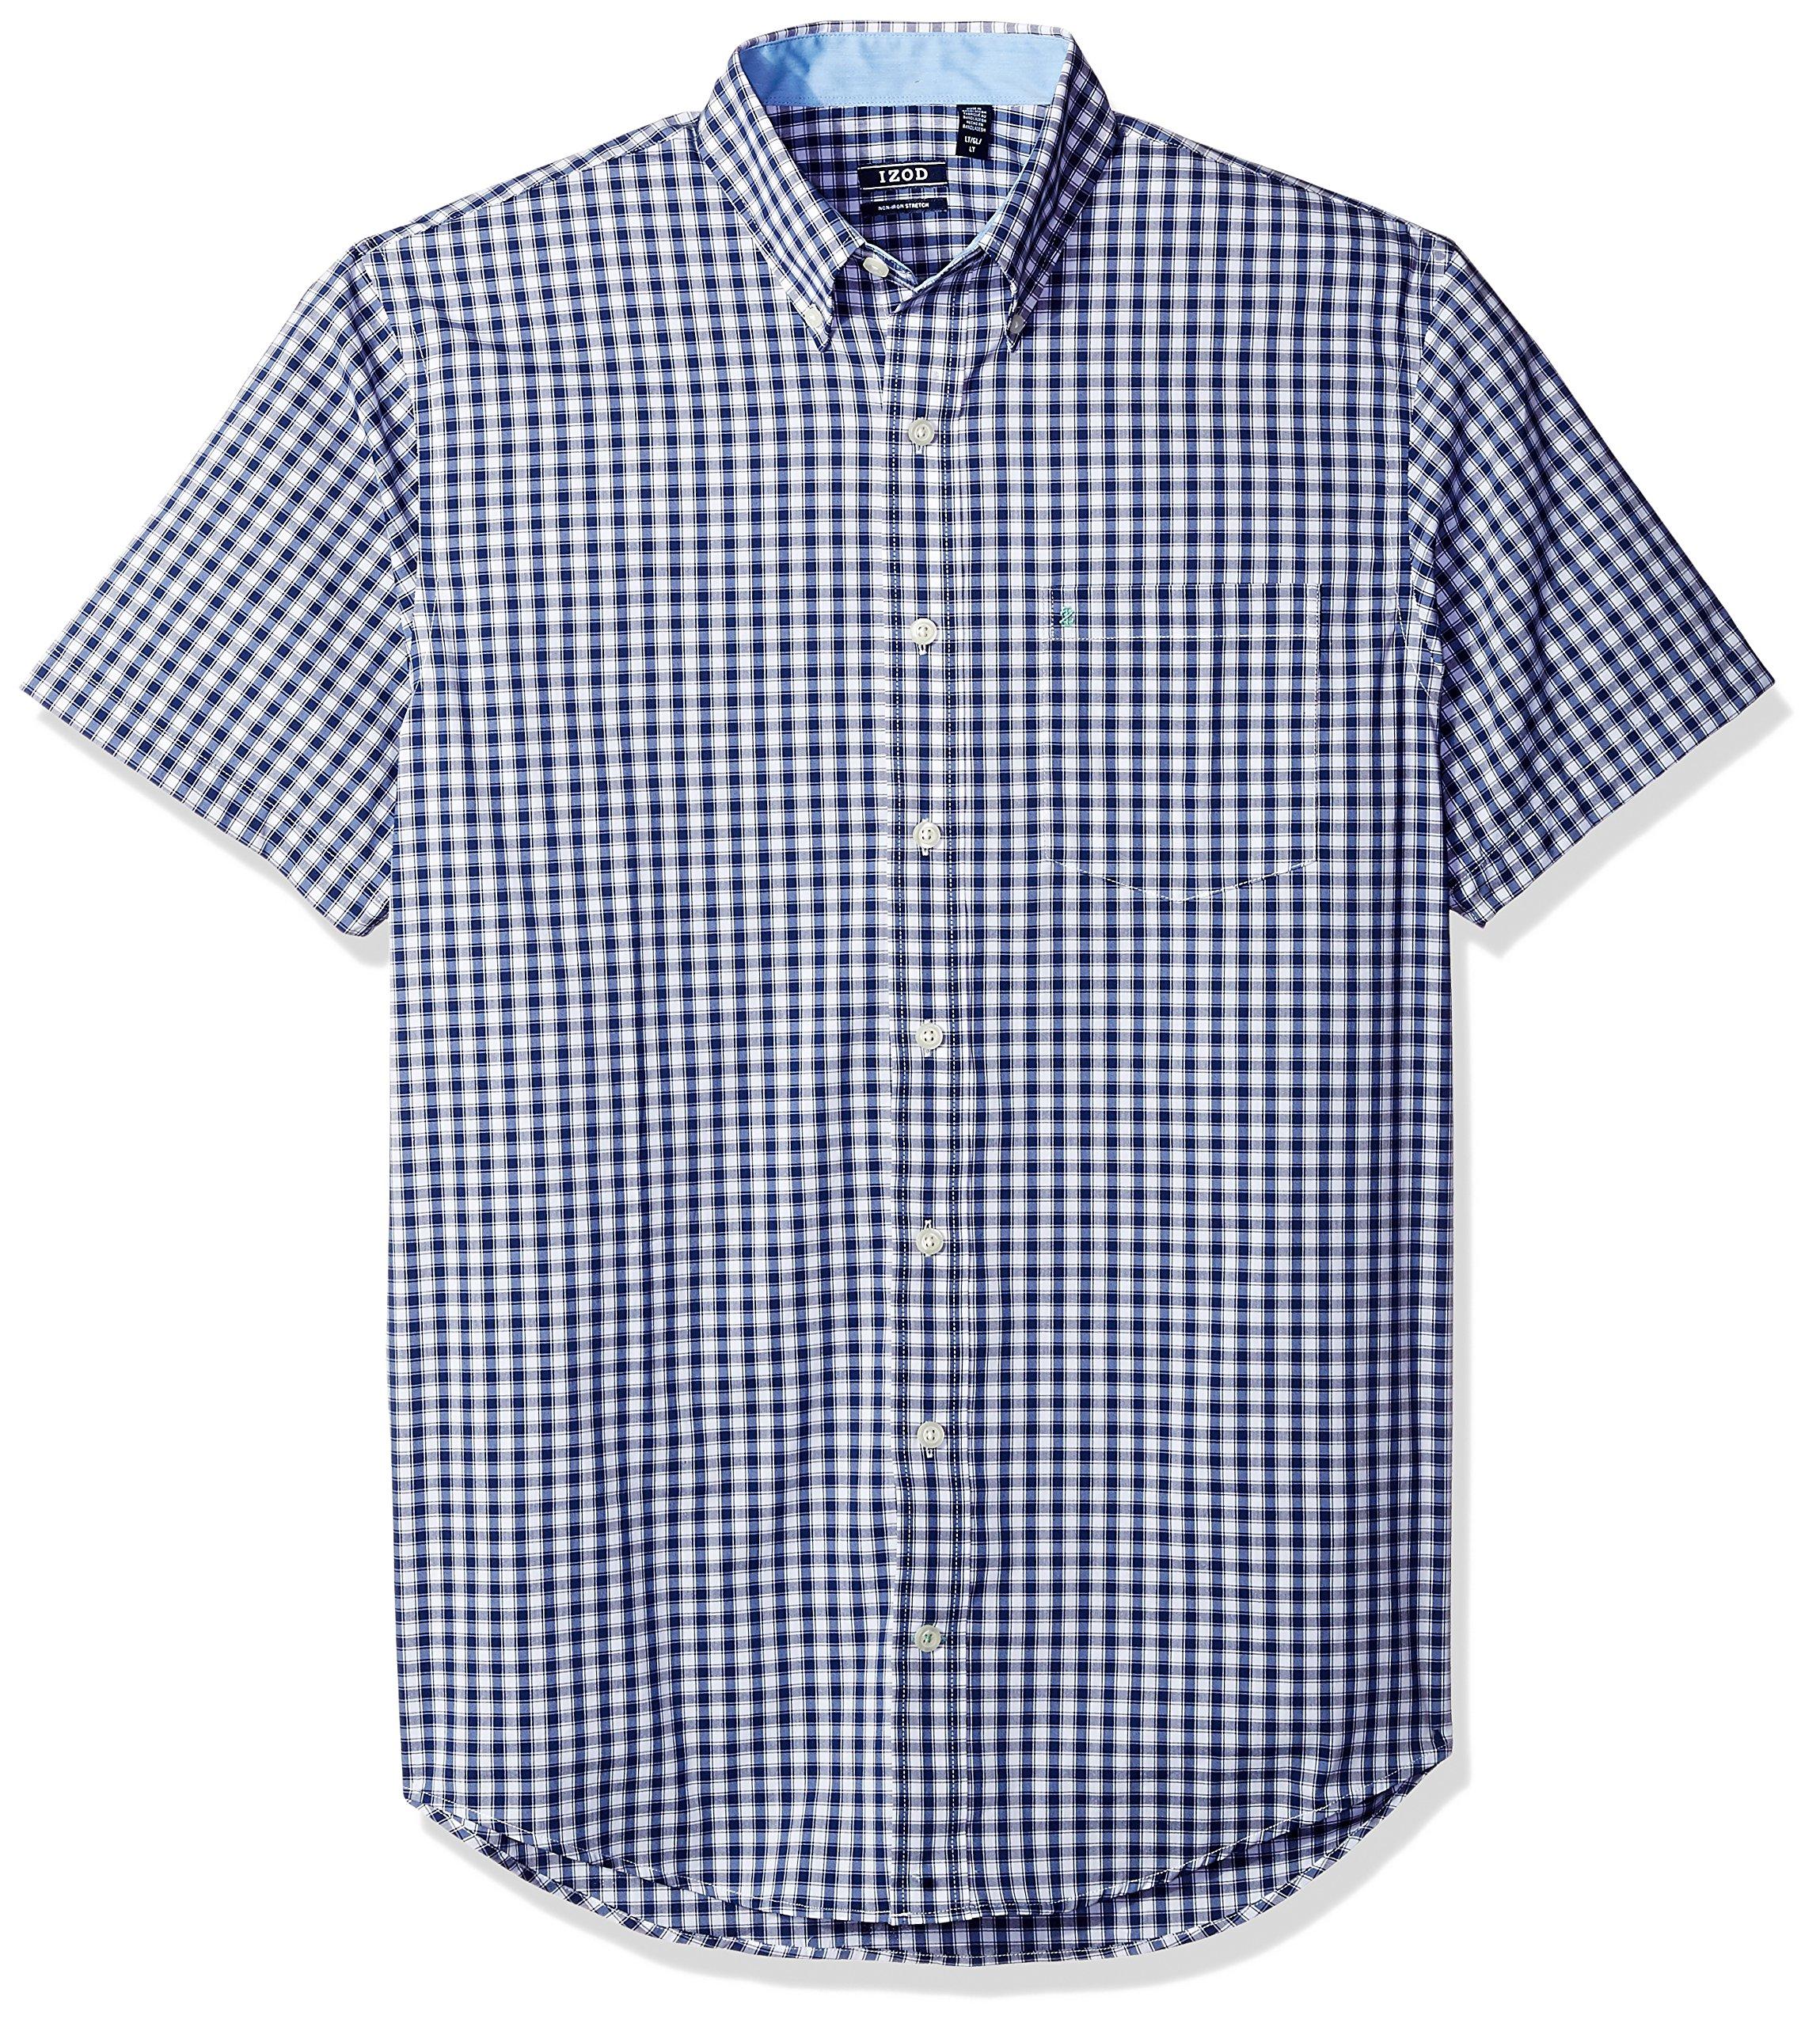 IZOD Men's Big and Tall Advantage Performance Poplin Short Sleeve Shirt, Deep Twilight Blue, 2X-Large Tall